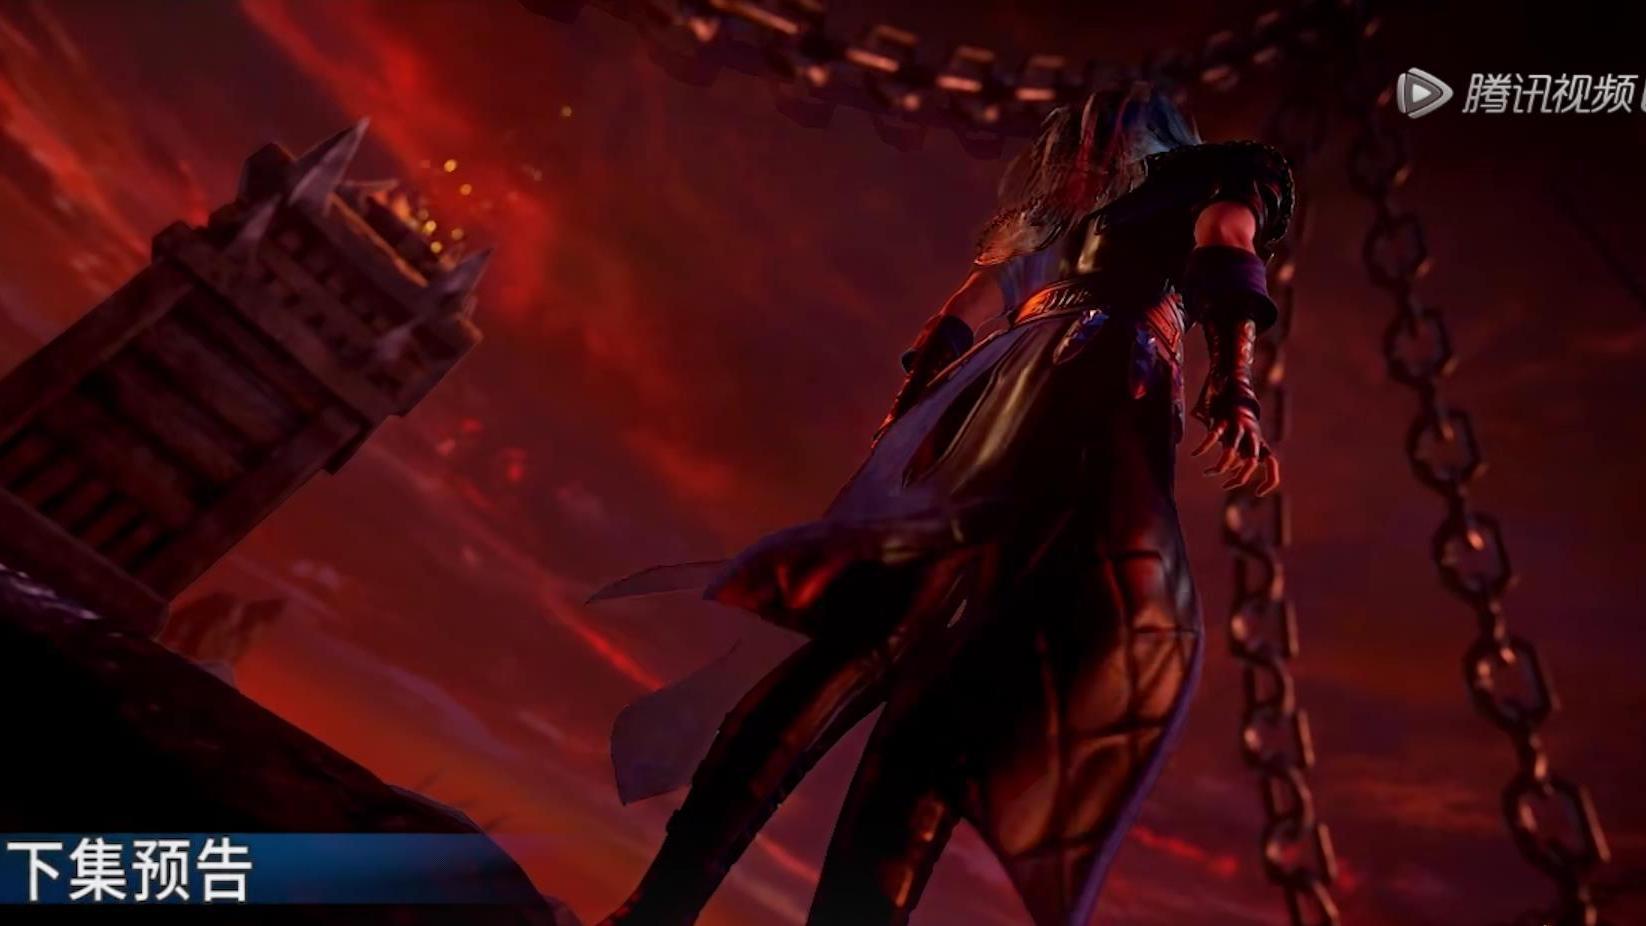 斗罗大陆:唐昊展现杀神领域宛如地狱魔神,直接让唐三感到窒息!